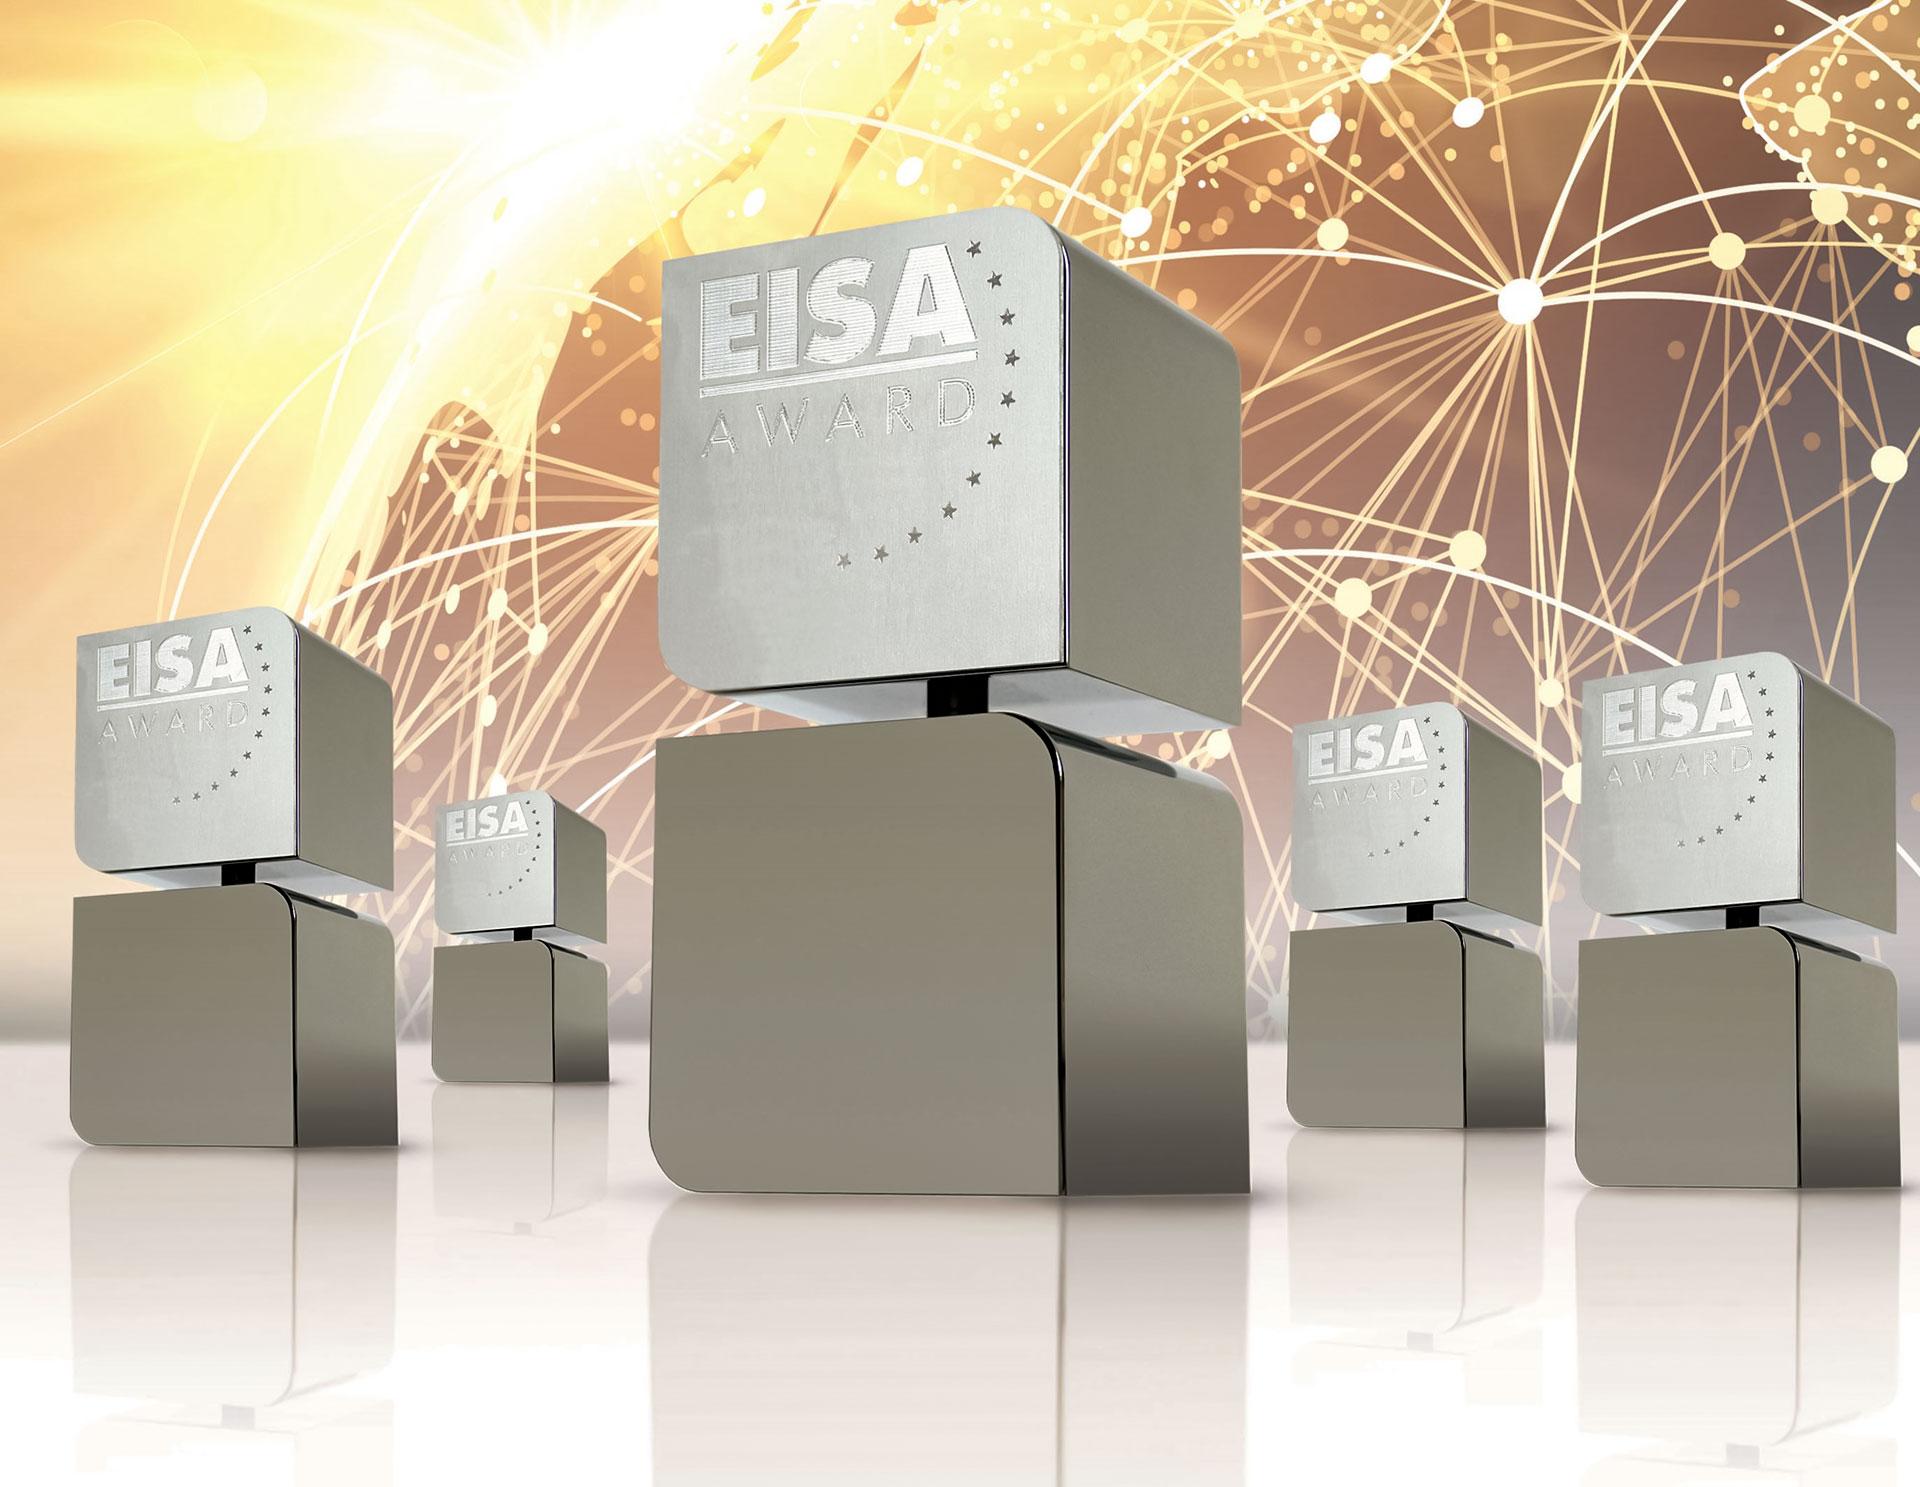 جوایز انجمن صوت و تصویر اروپا (EISA) در چنگ چینی ها